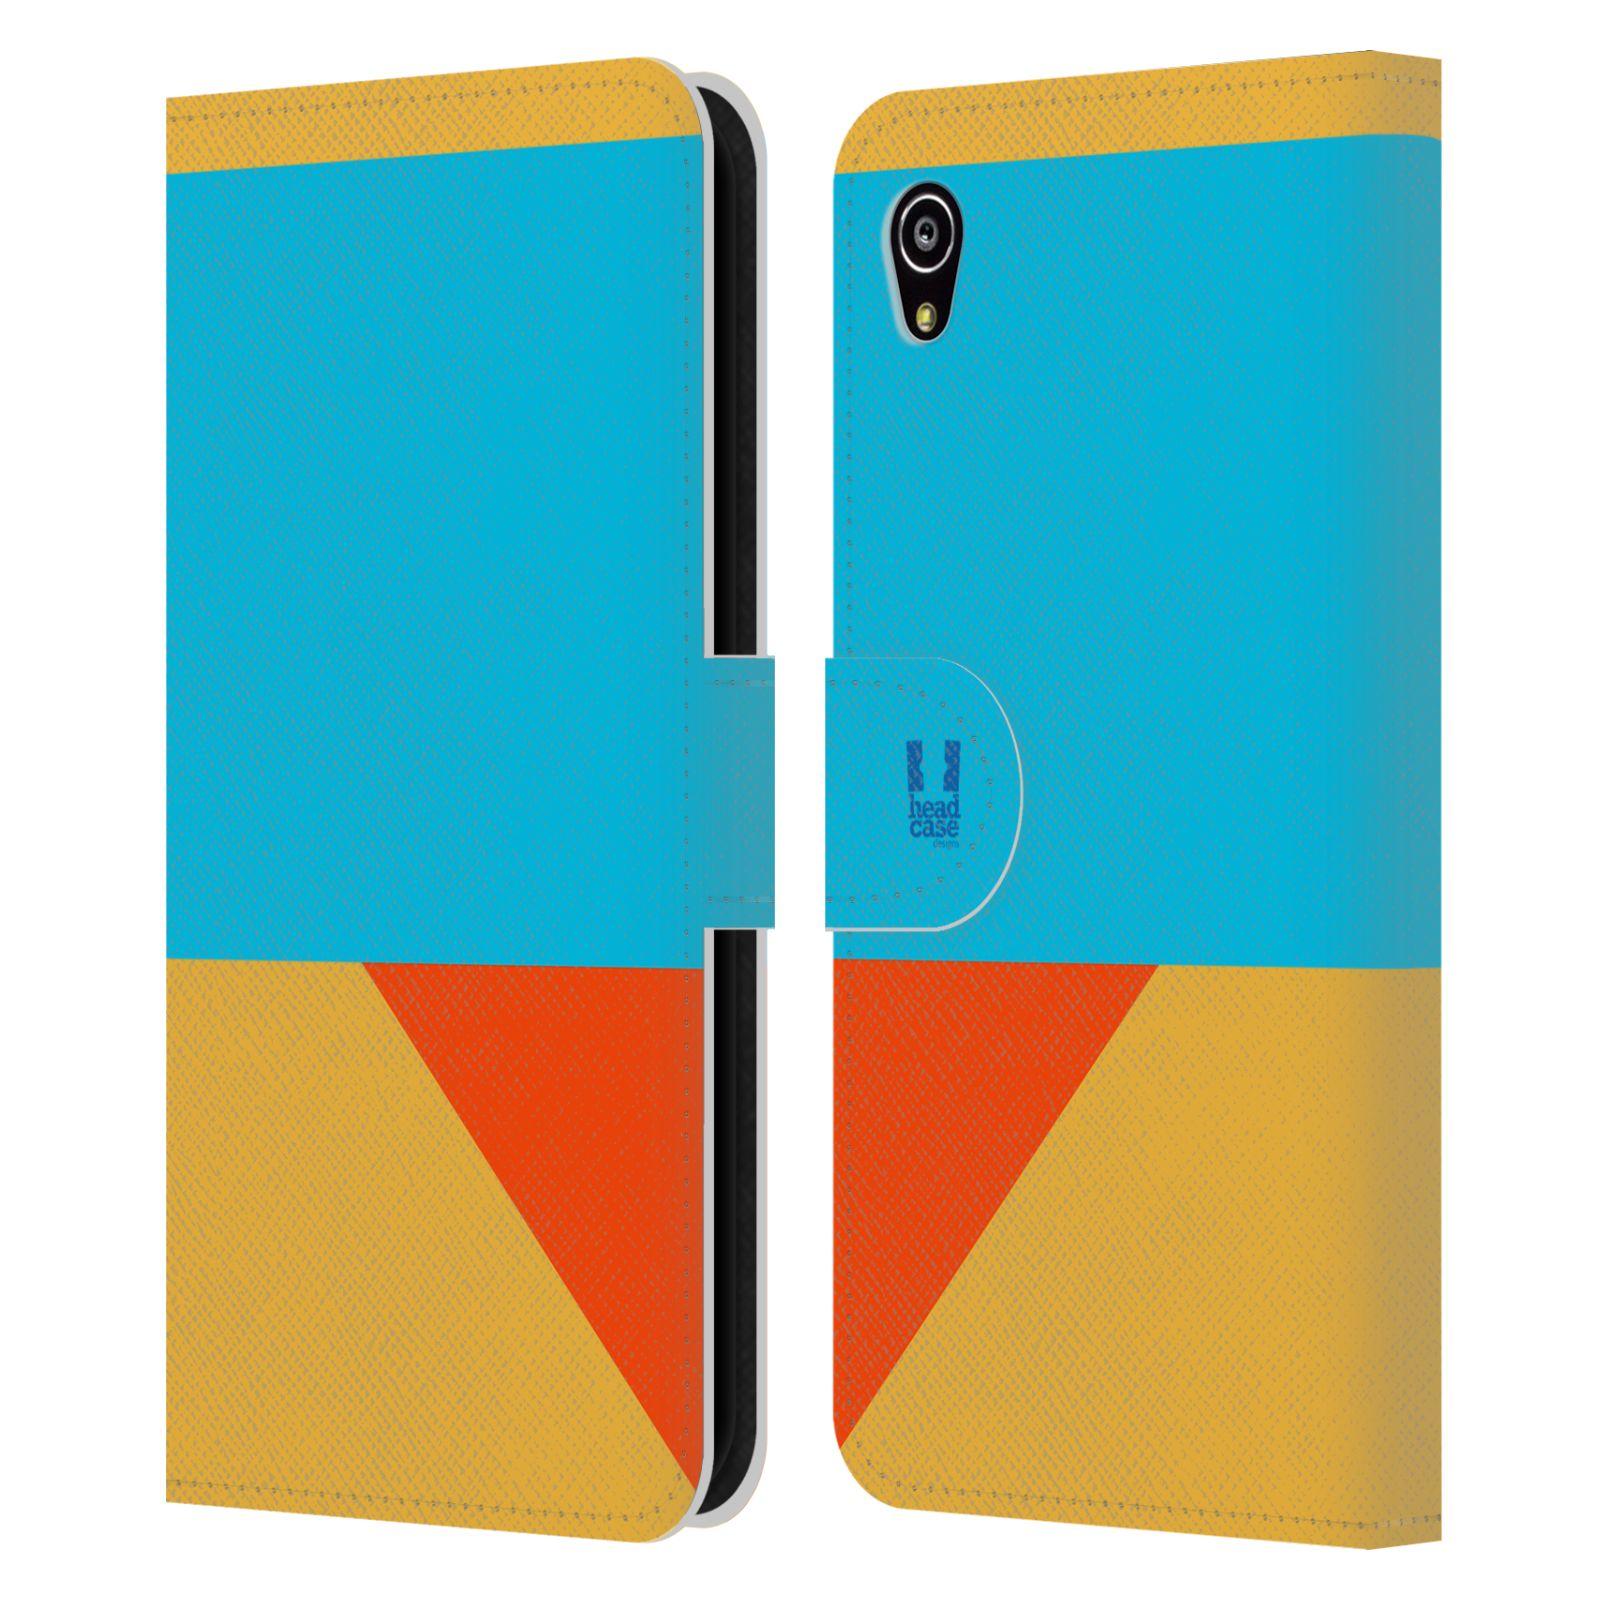 HEAD CASE Flipové pouzdro pro mobil SONY Xperia M4 Aqua barevné tvary béžová a modrá DAY WEAR